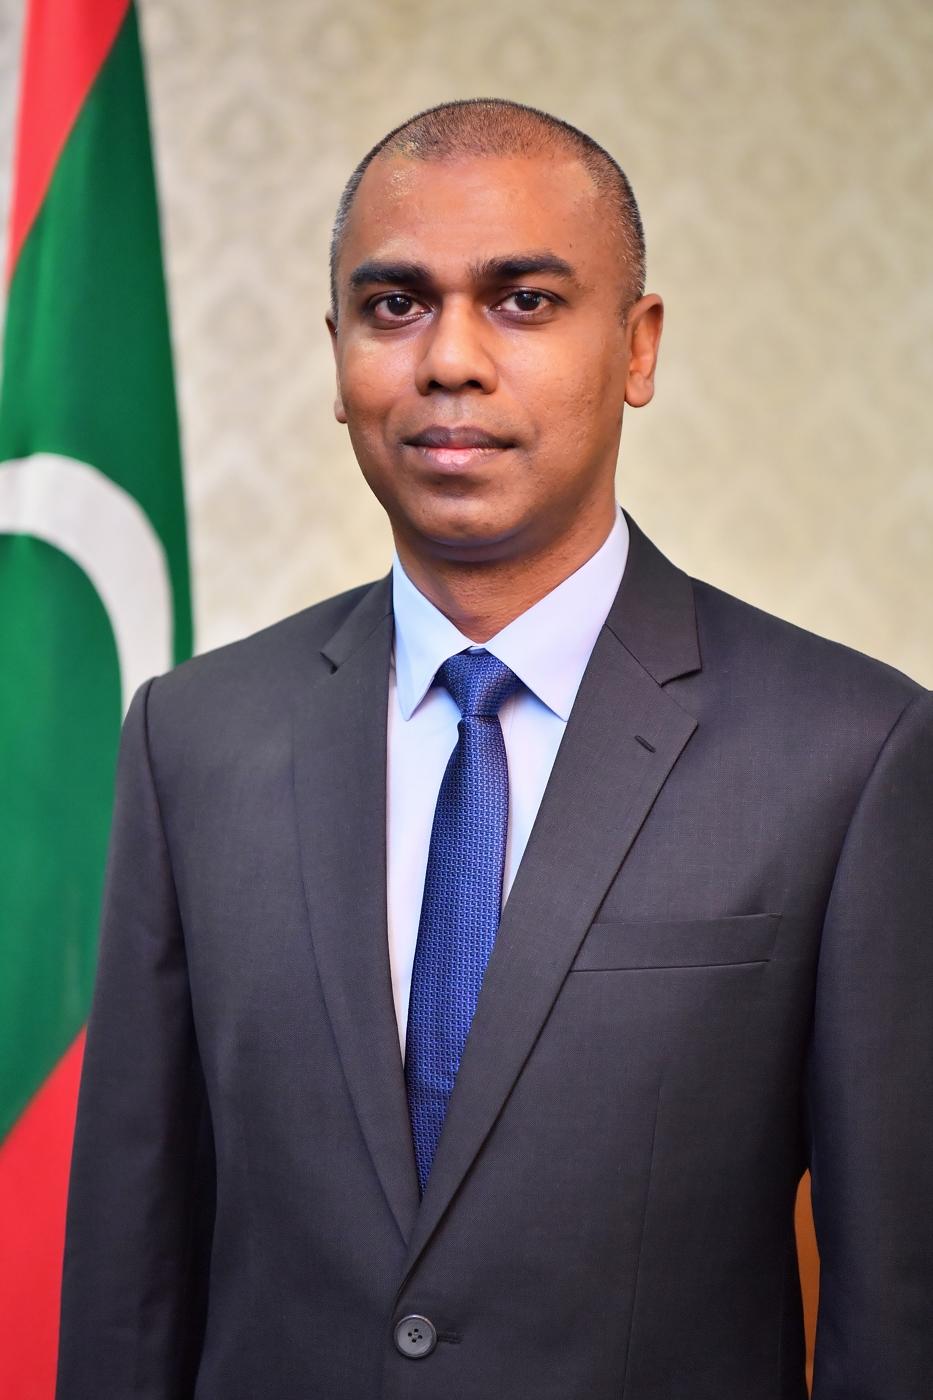 駐日モルディブ共和国大使